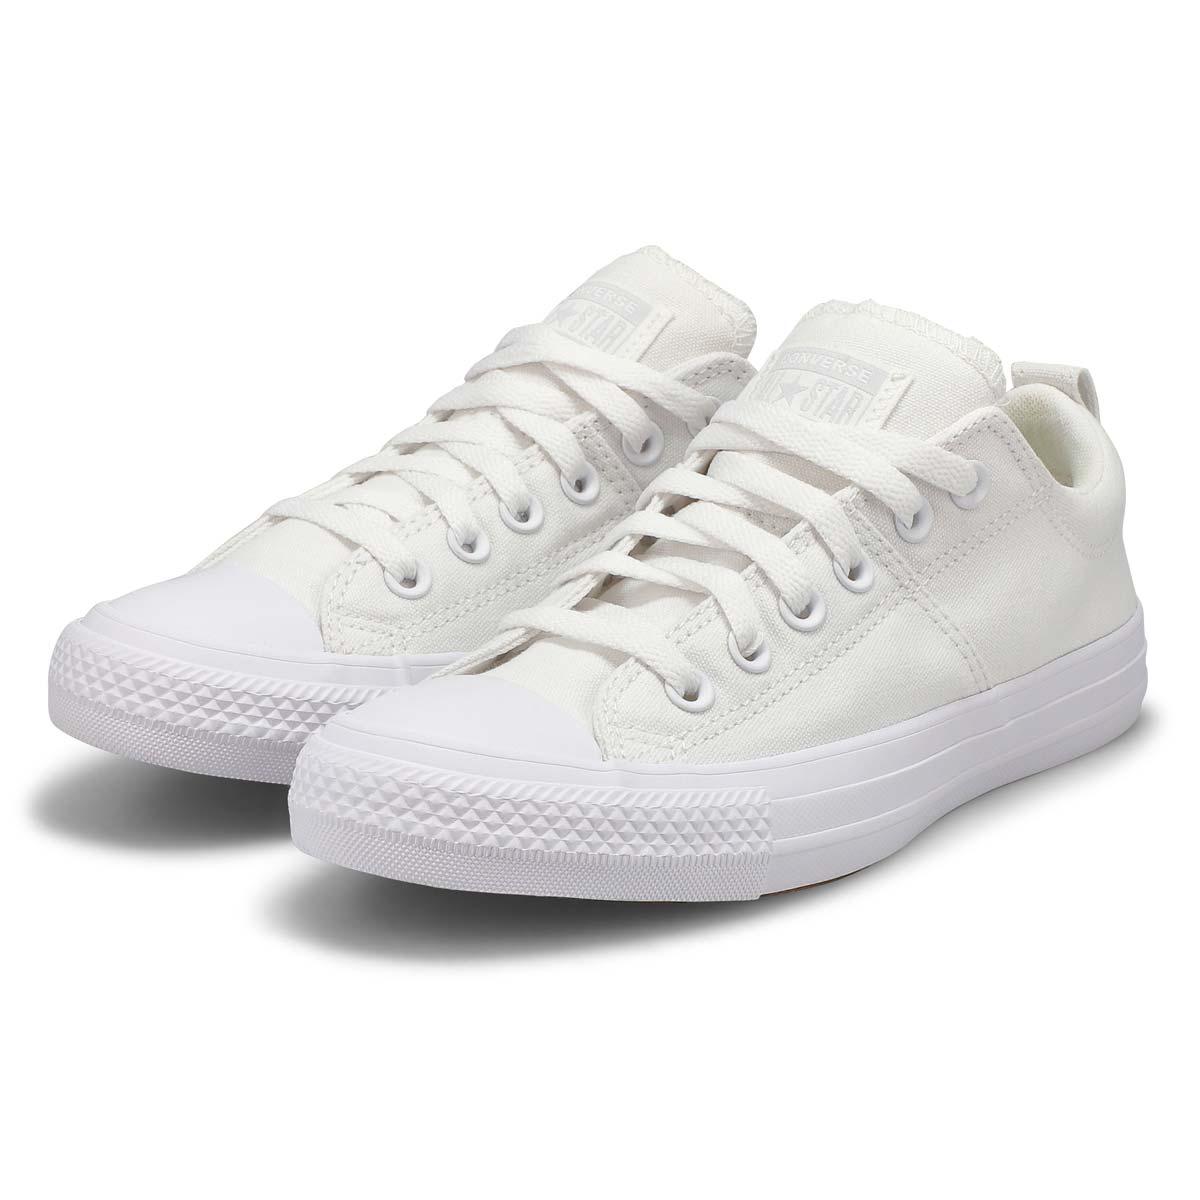 Women's All Star Madison Sneaker - White